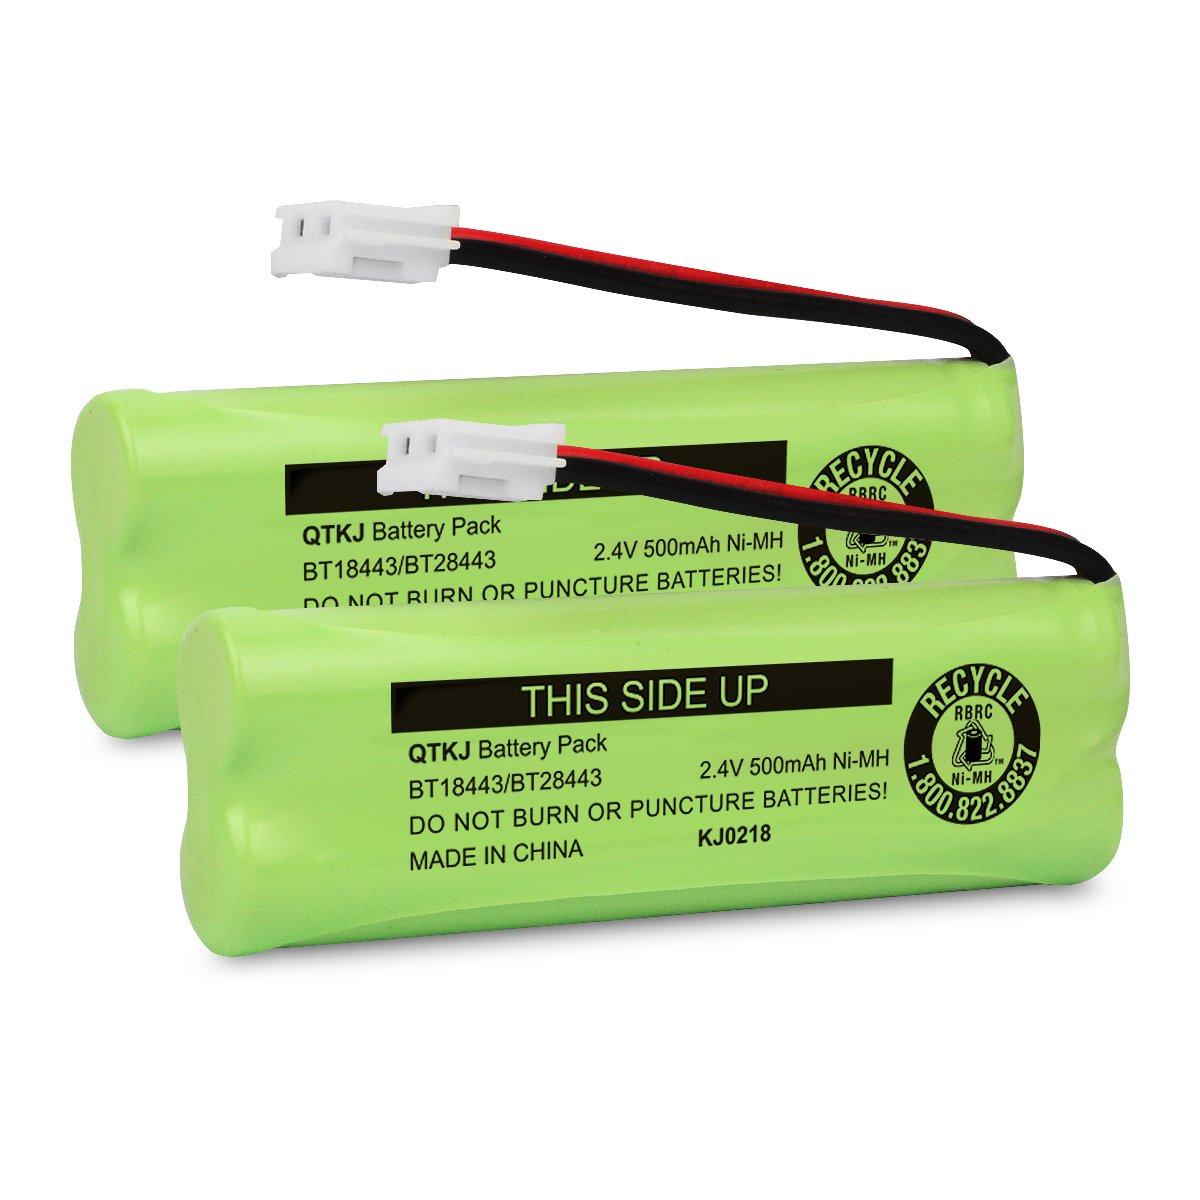 QTKJ Cordless Phone Battery for VTech BT18443 BT28443 LS-6115 LS-6117 LS-6125 LS6126 LS6225 LS6205 LS6217 LS-6205 LS-6215 89133700 Cordless Phone Handsets (2-Pack)